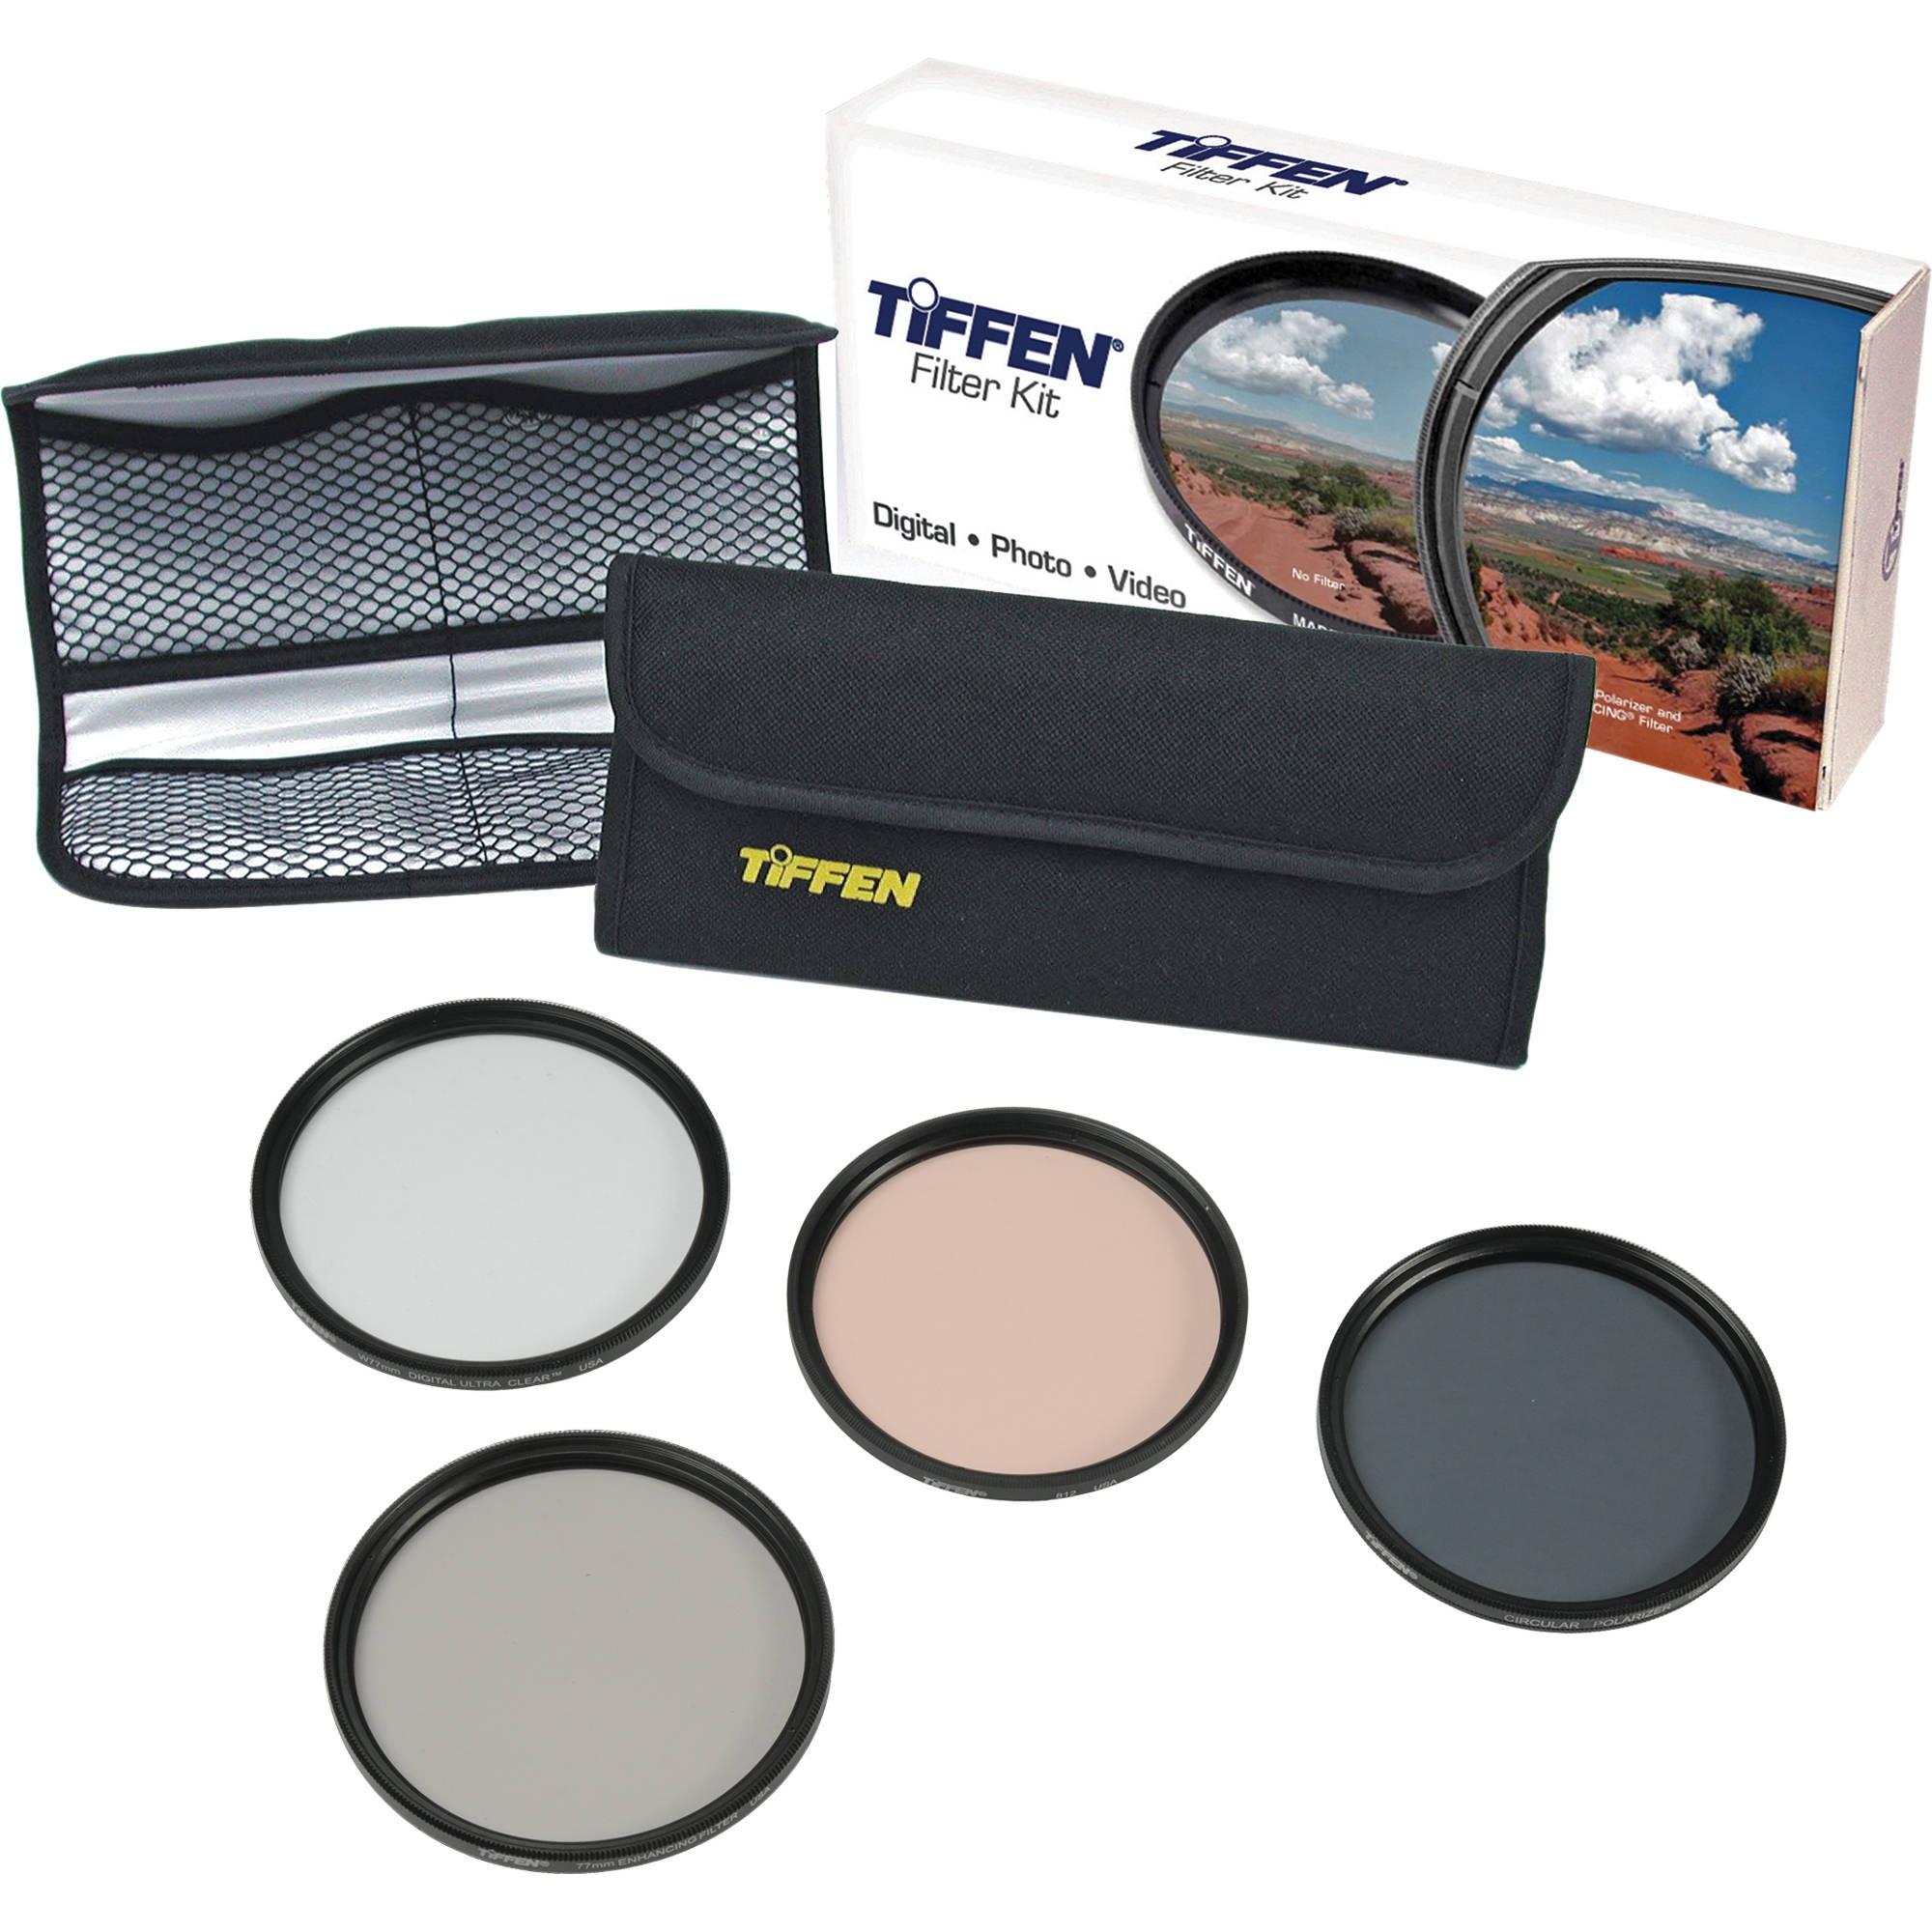 Tiffen 62mm Digital Enhancing Filter Kit